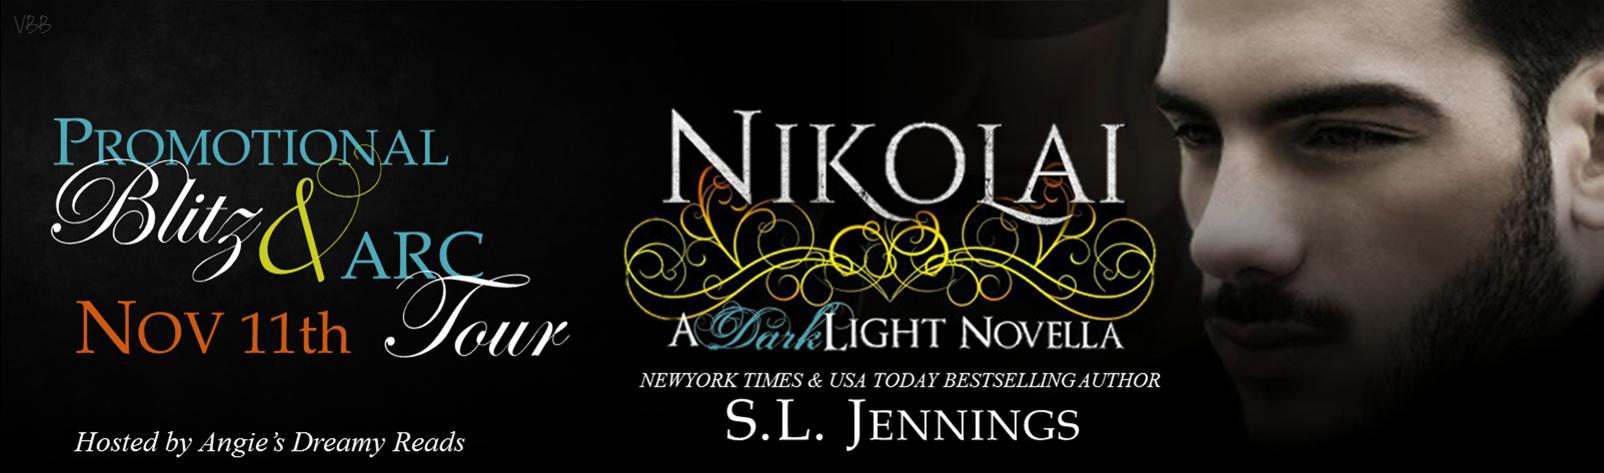 nikolai banner